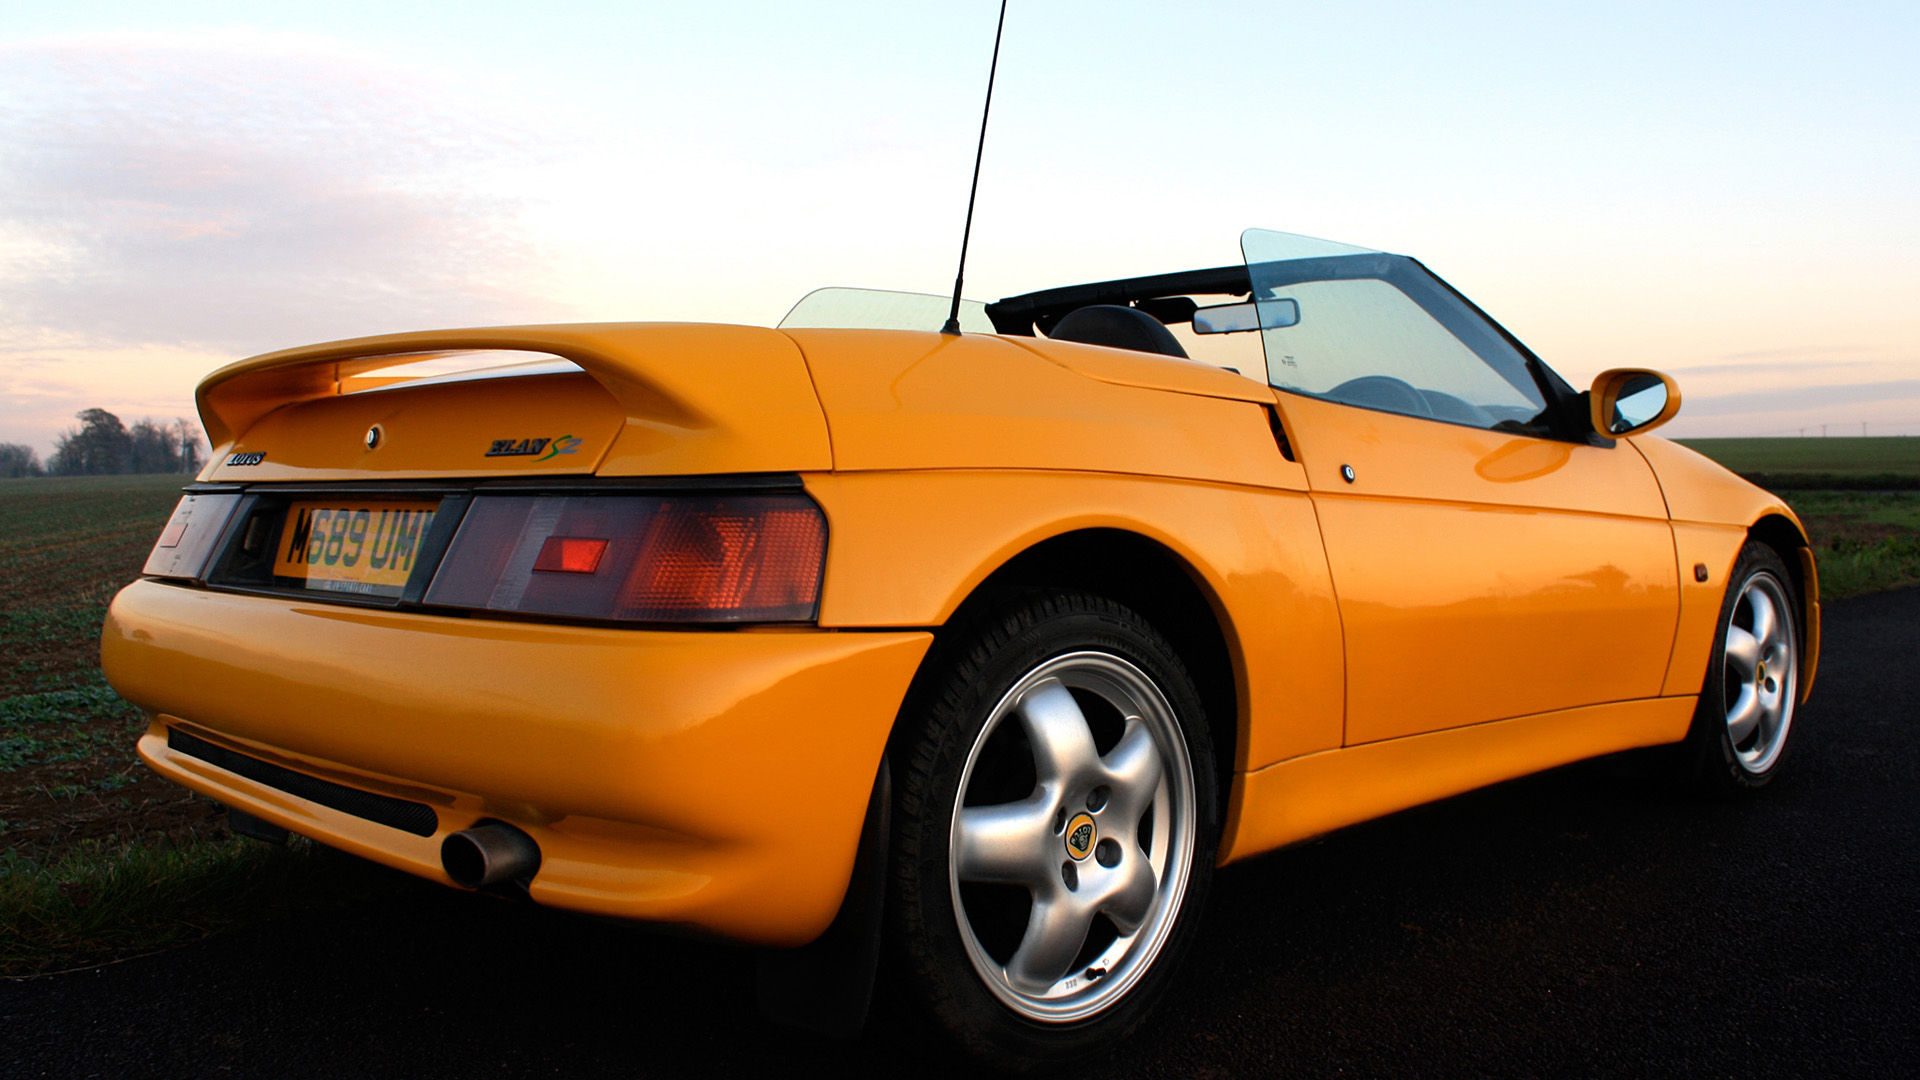 1994 Lotus Elan Turbo SE